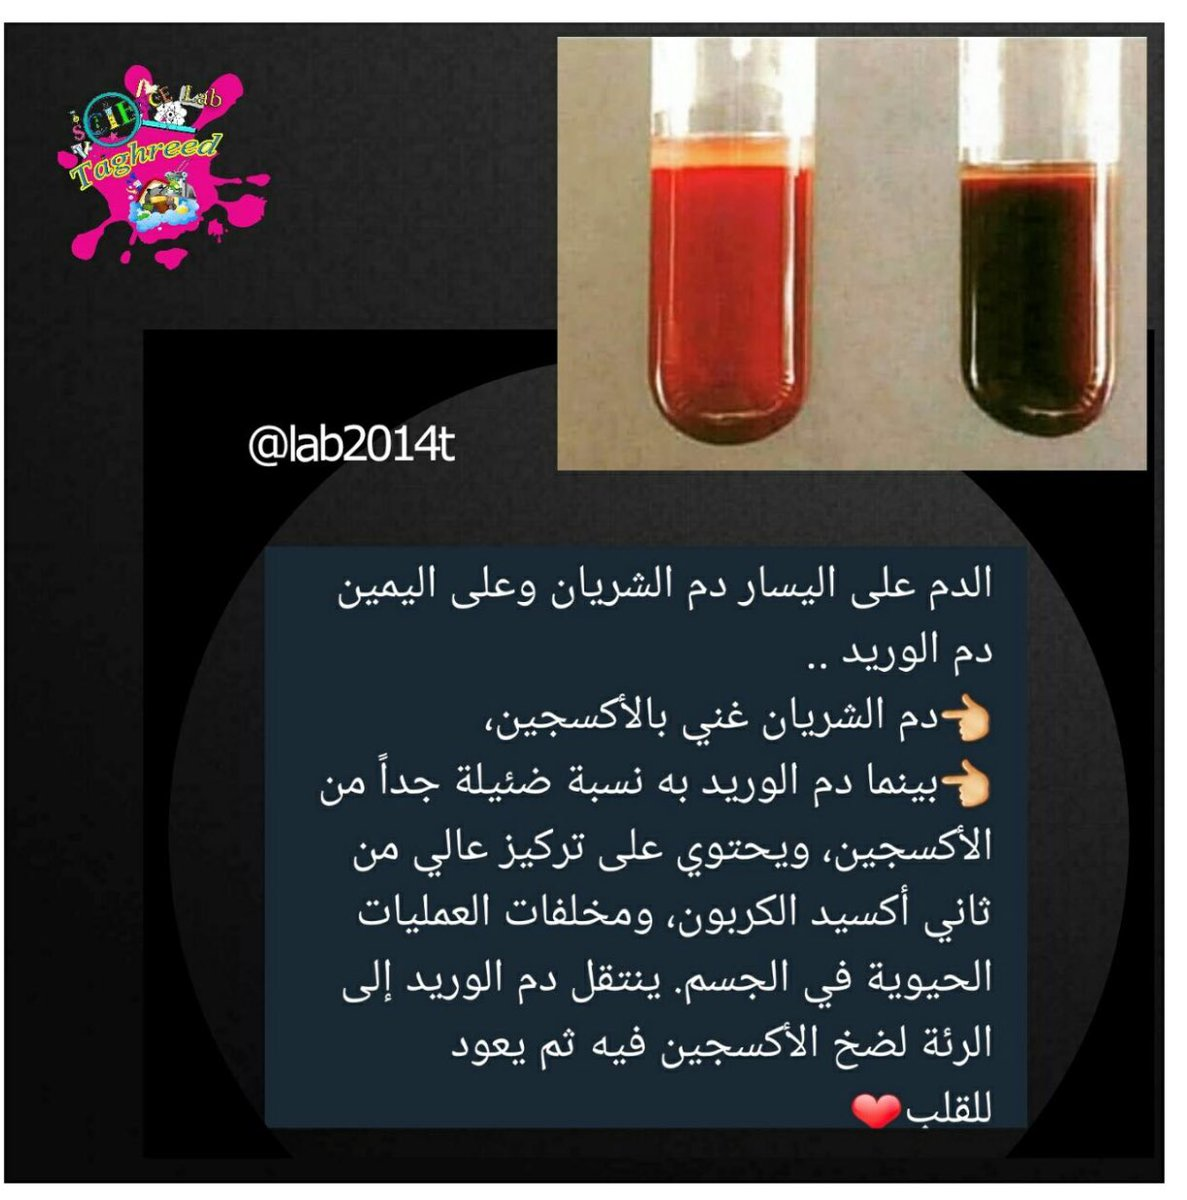 الواحة العلمية Auf Twitter الفرق بين لون دم الشريان ودم الوريد سبحان الله